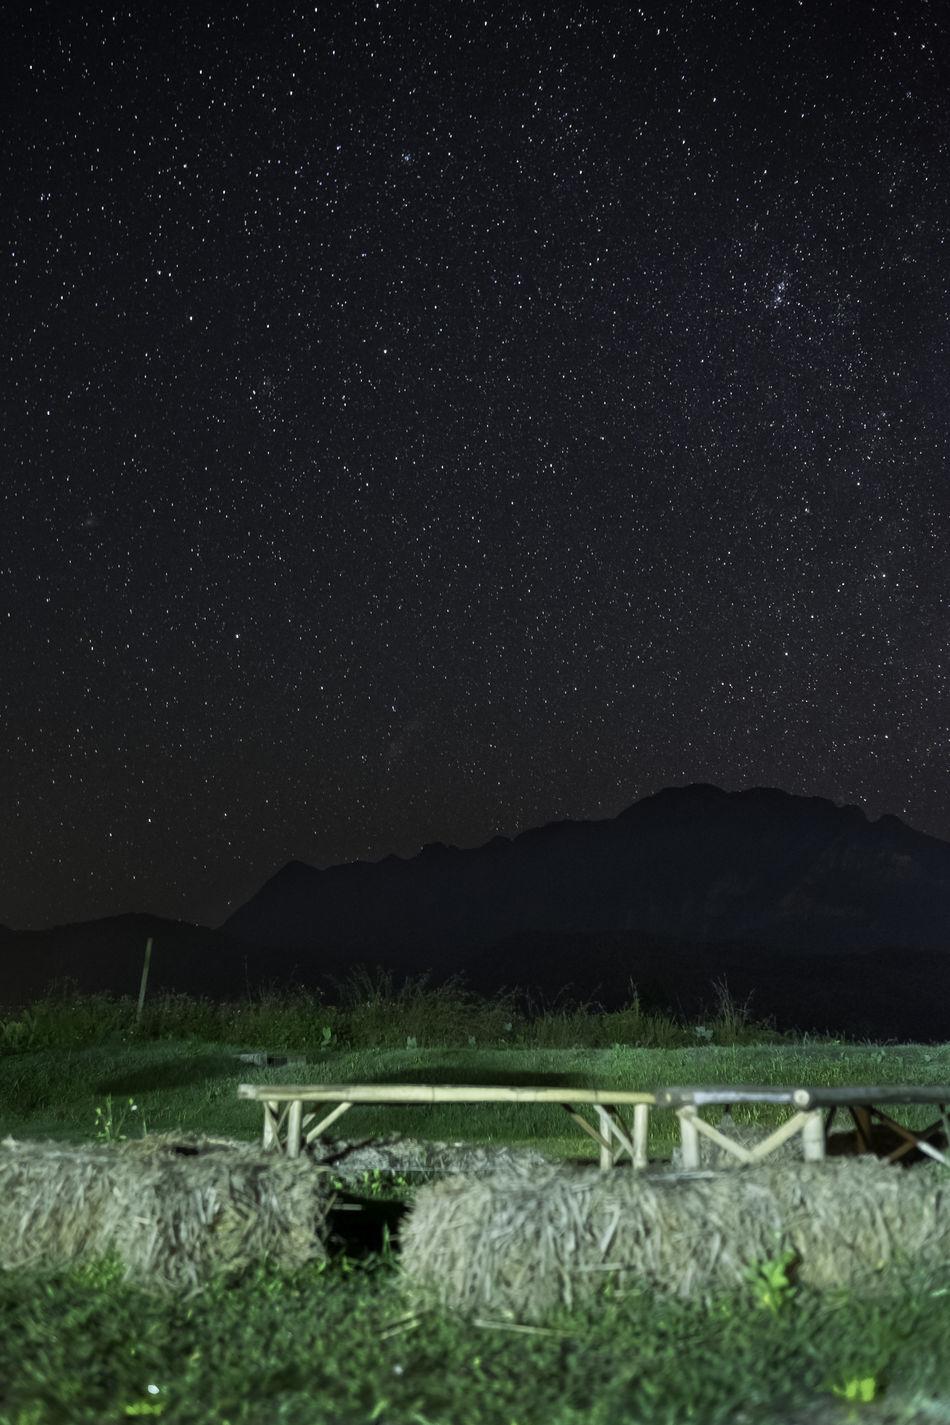 สวนบัวชมพู เชียงดาว Agriculture Chiang Dao Chiang Mai Night Night Photography Outdoors Stars Tranquil Scene